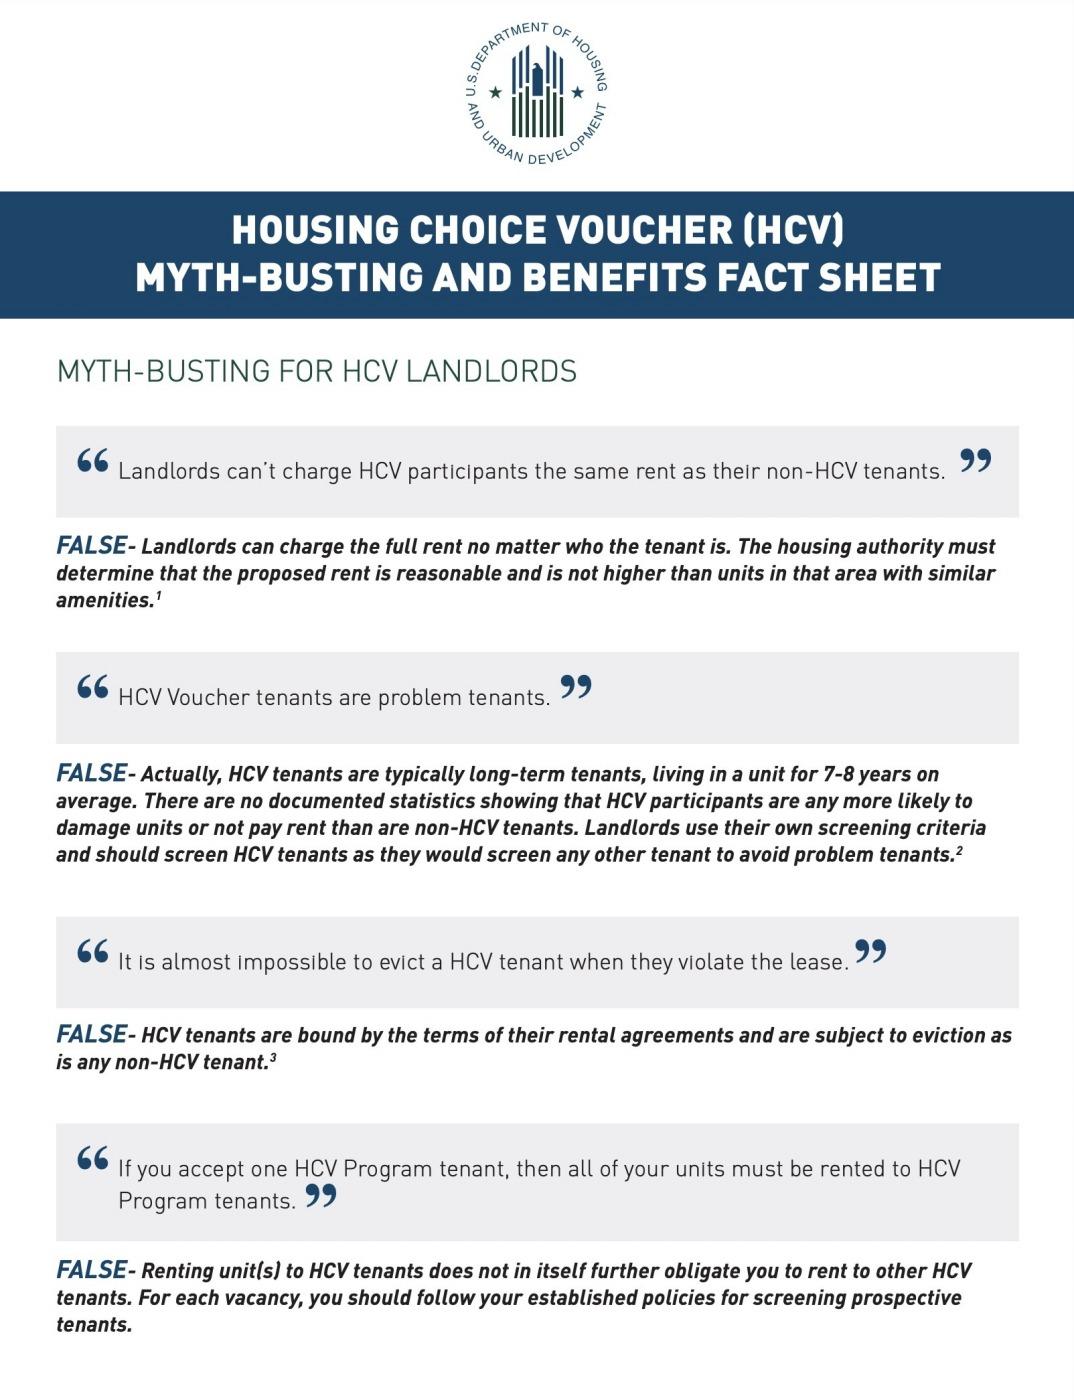 HCV Myth-Busting and Benefits Fact Sheet